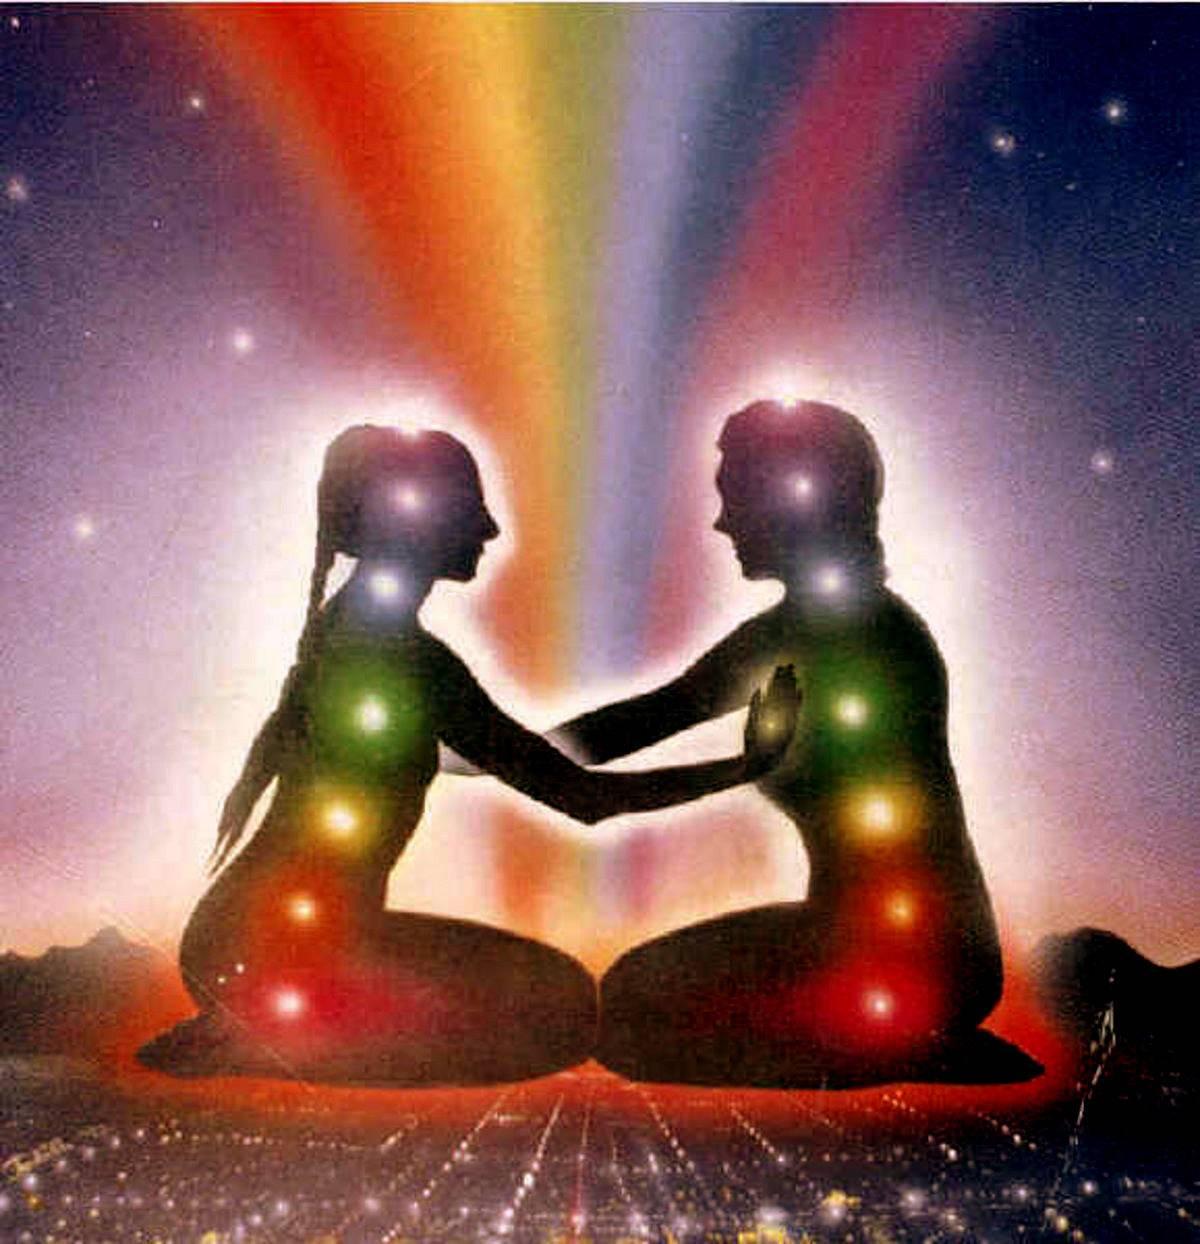 Астральные сообщества чувственности, любви и секса. как подключиться к гармонии мировых отношений | zdavnews.ru